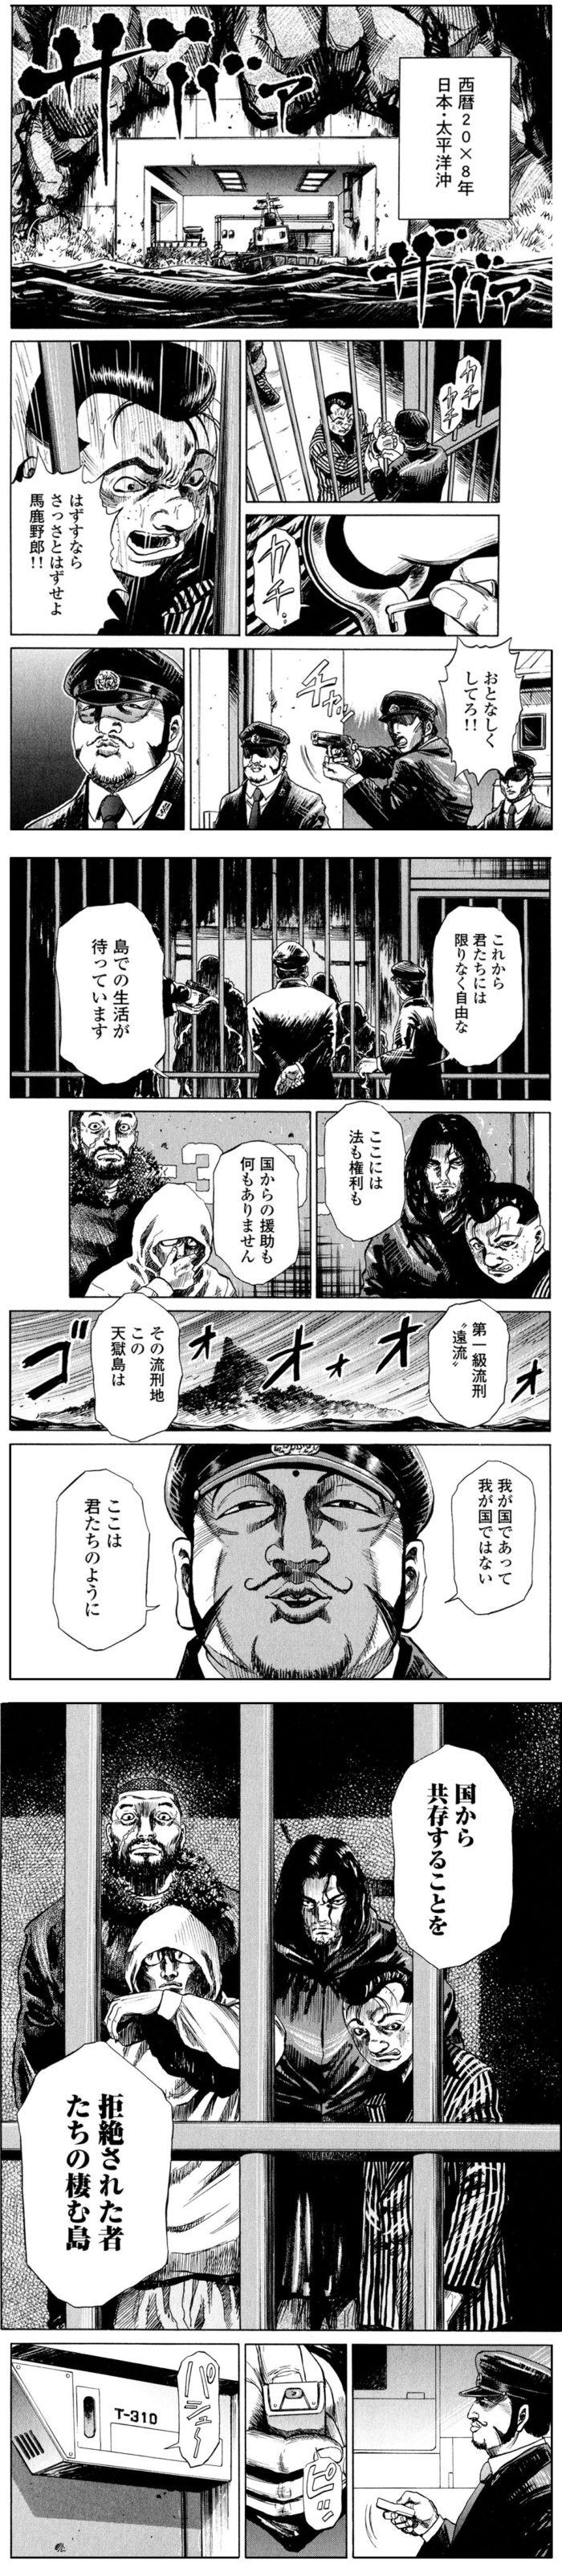 tengoku-01-05